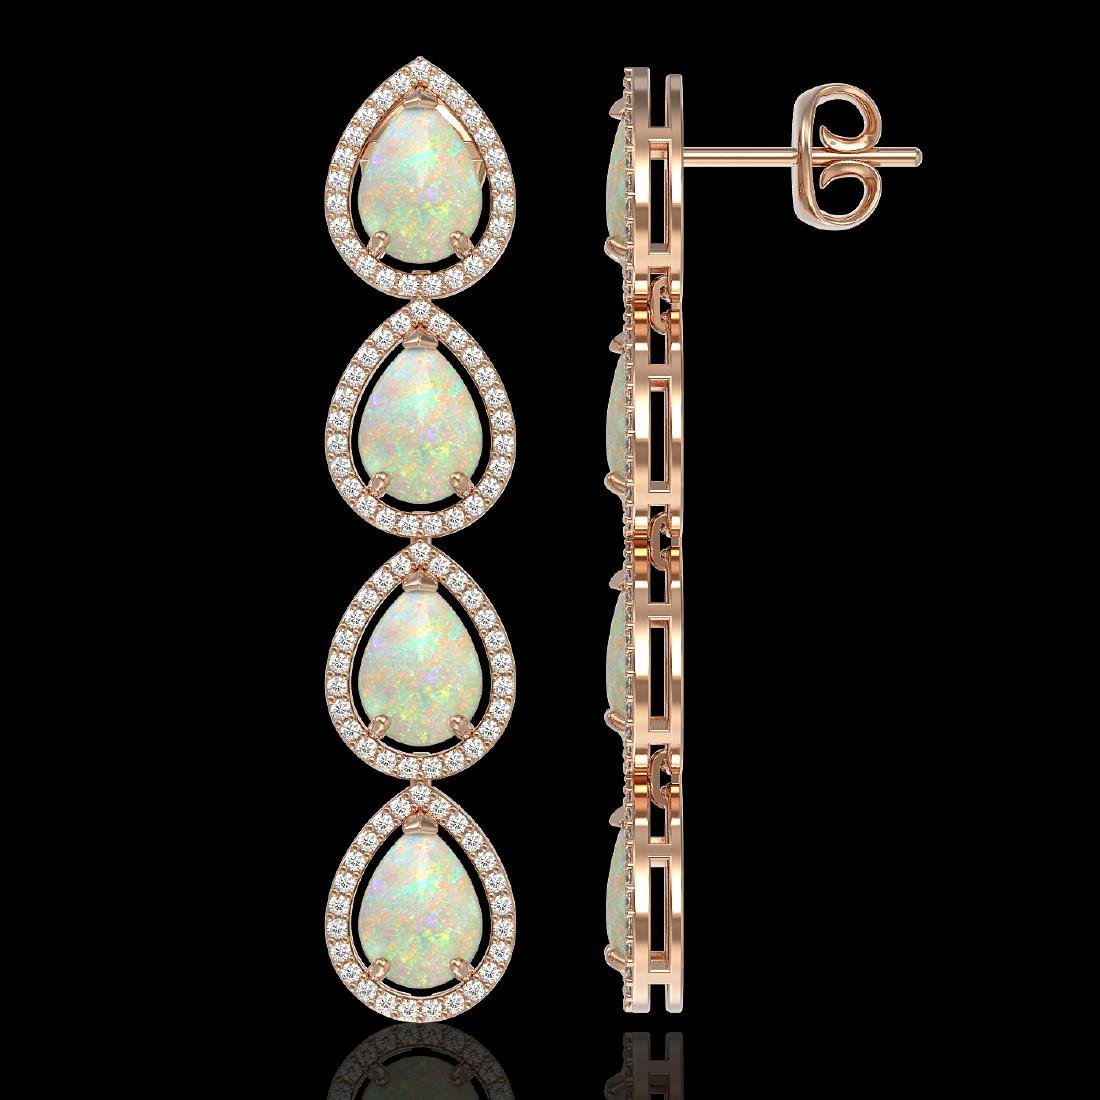 9.12 CTW Opal & Diamond Halo Earrings 10K Rose Gold - 2